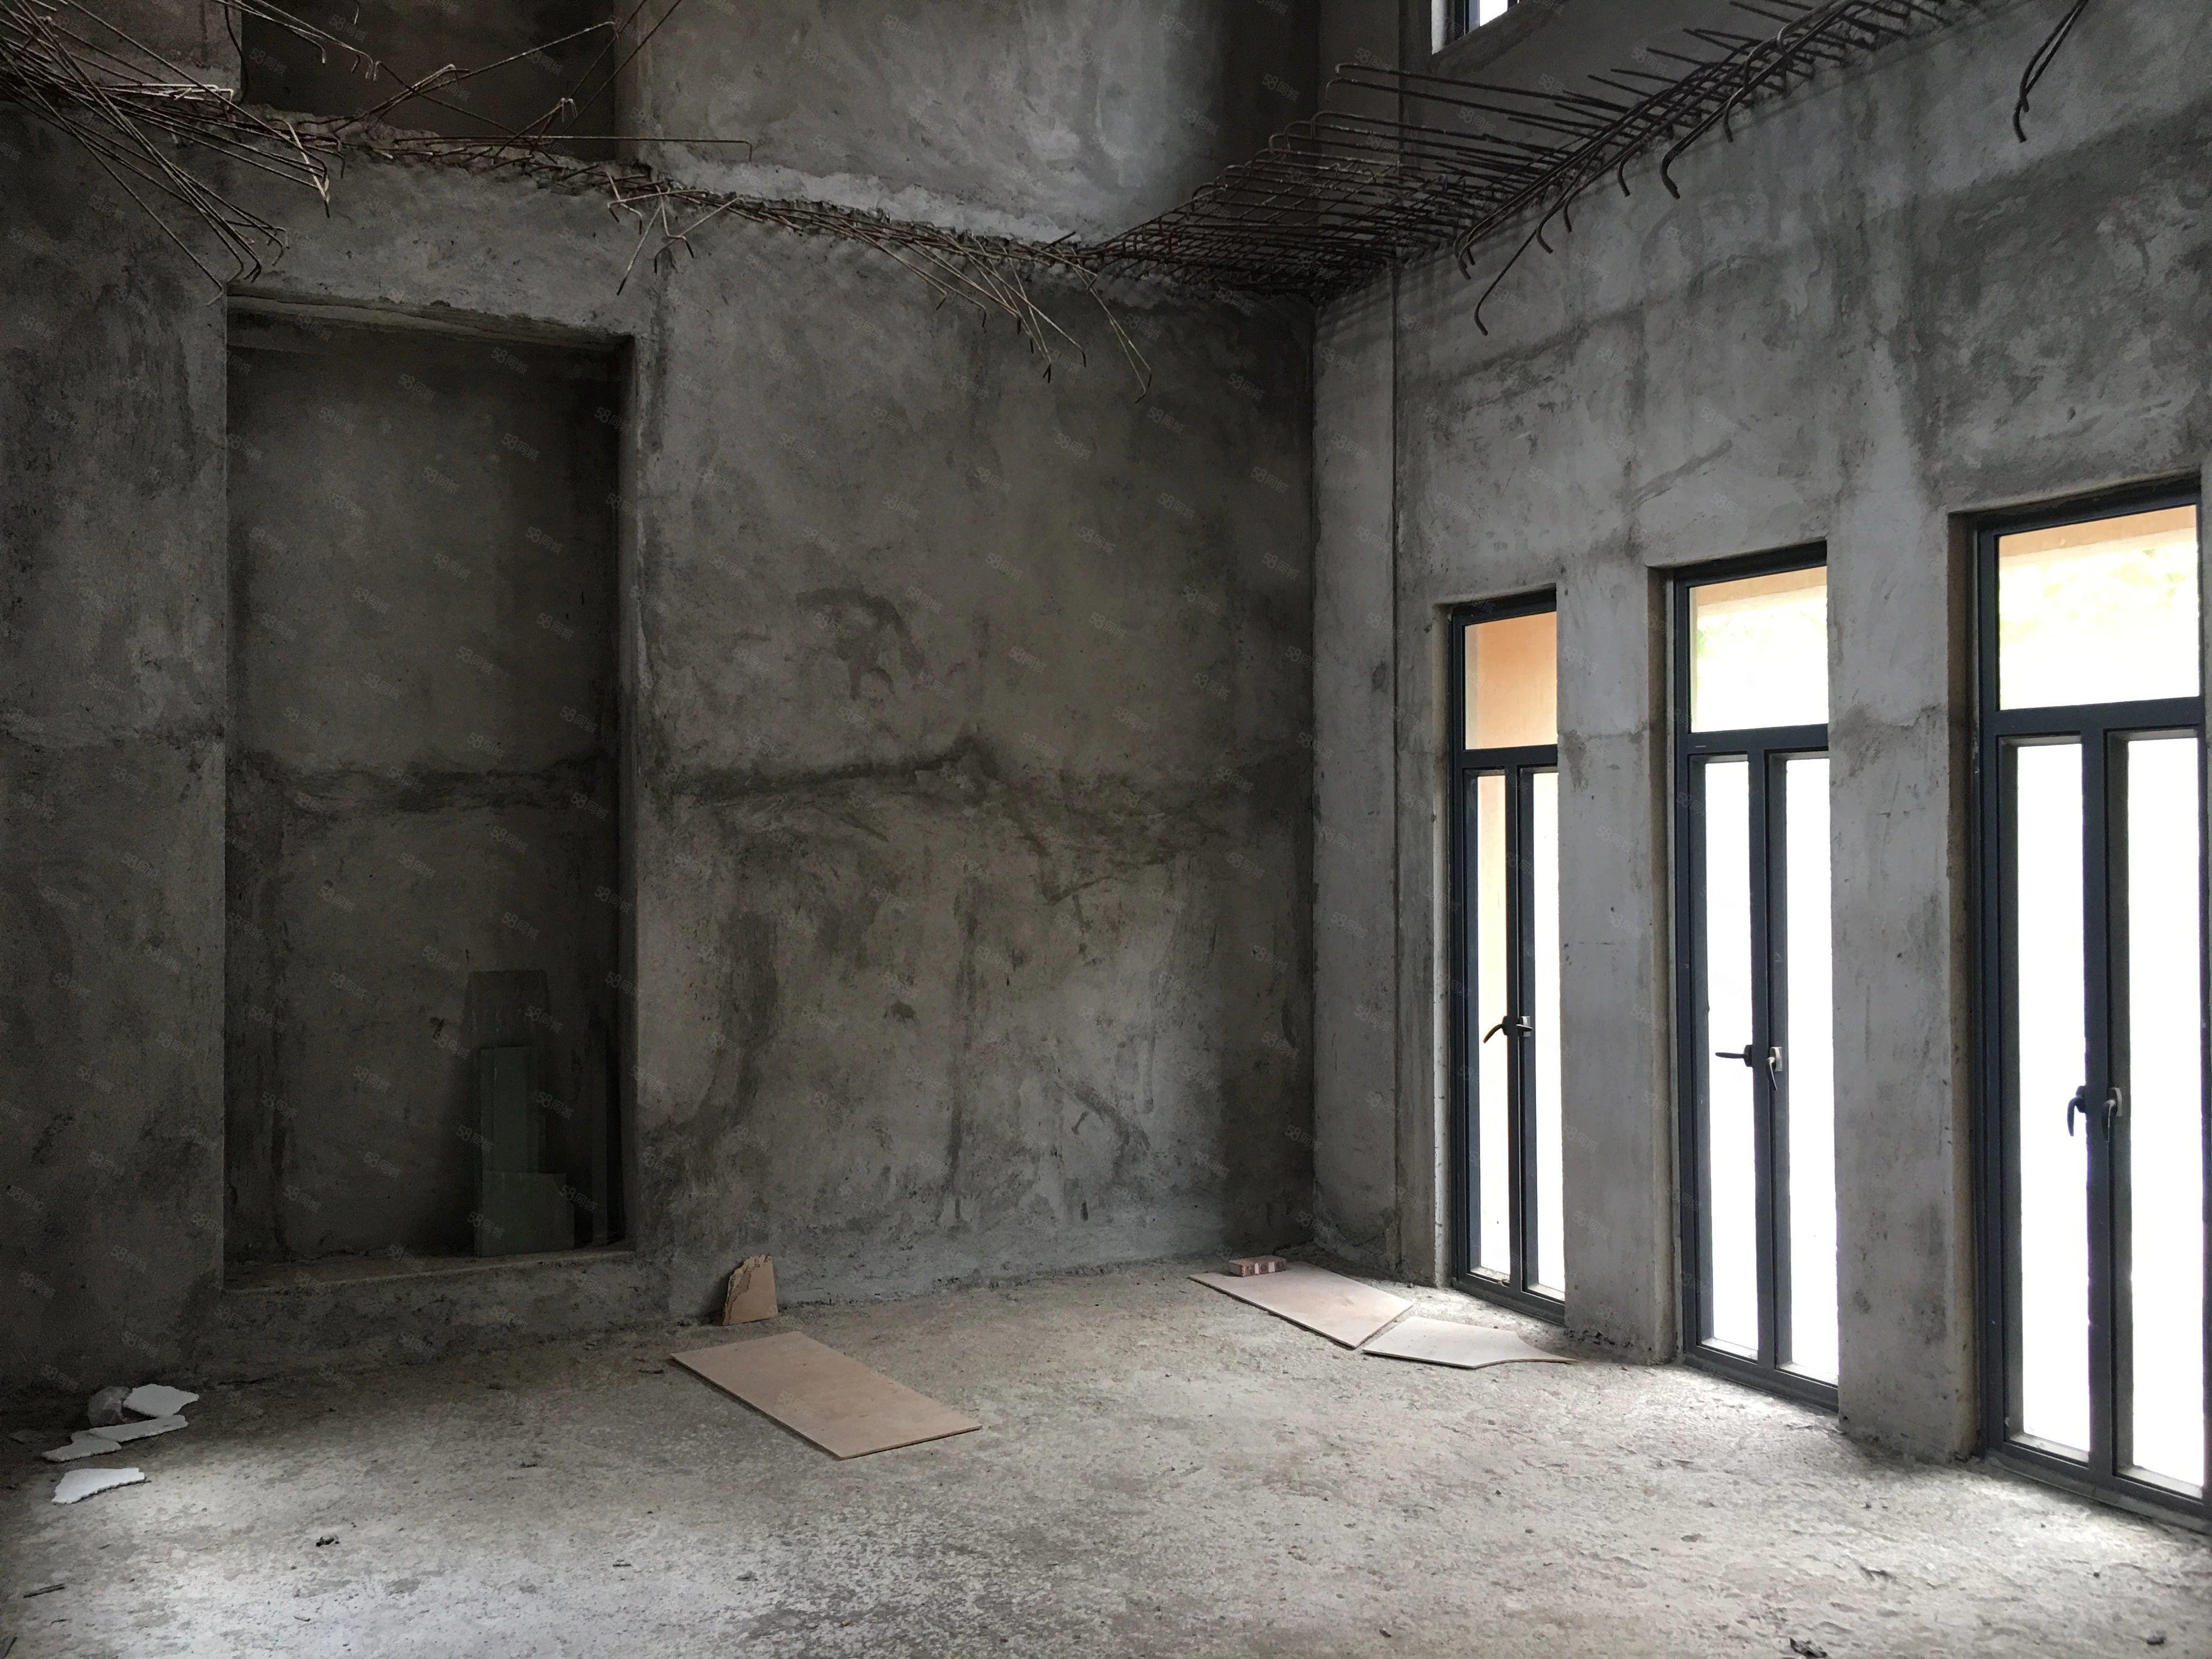 御墅龙山别墅380平方有地下室南北向花园129平方